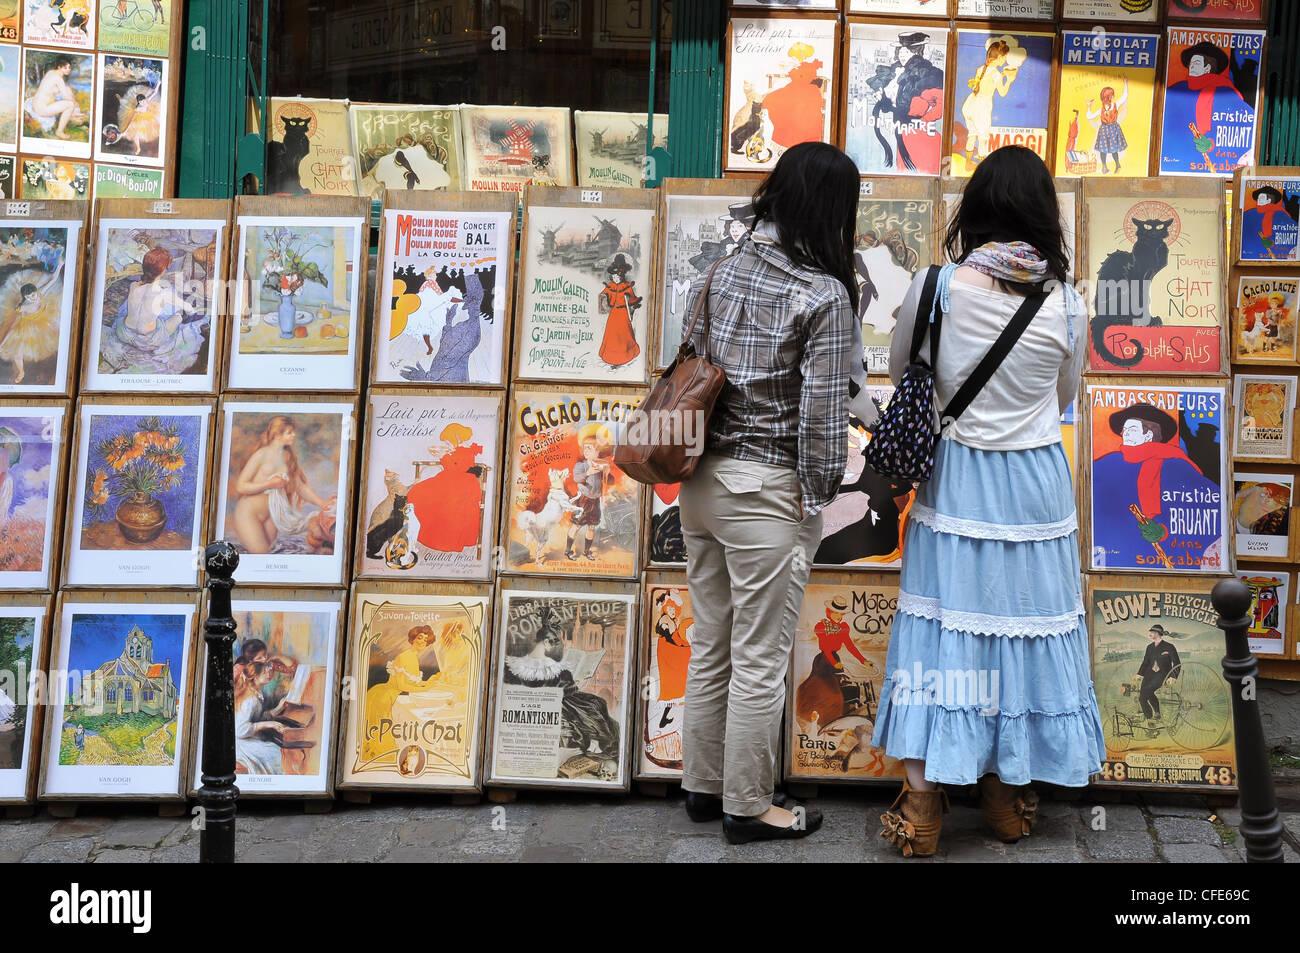 Deux femmes asiatiques touristes parcourt des souvenirs dans un art stall à Montmartre, paris. Banque D'Images